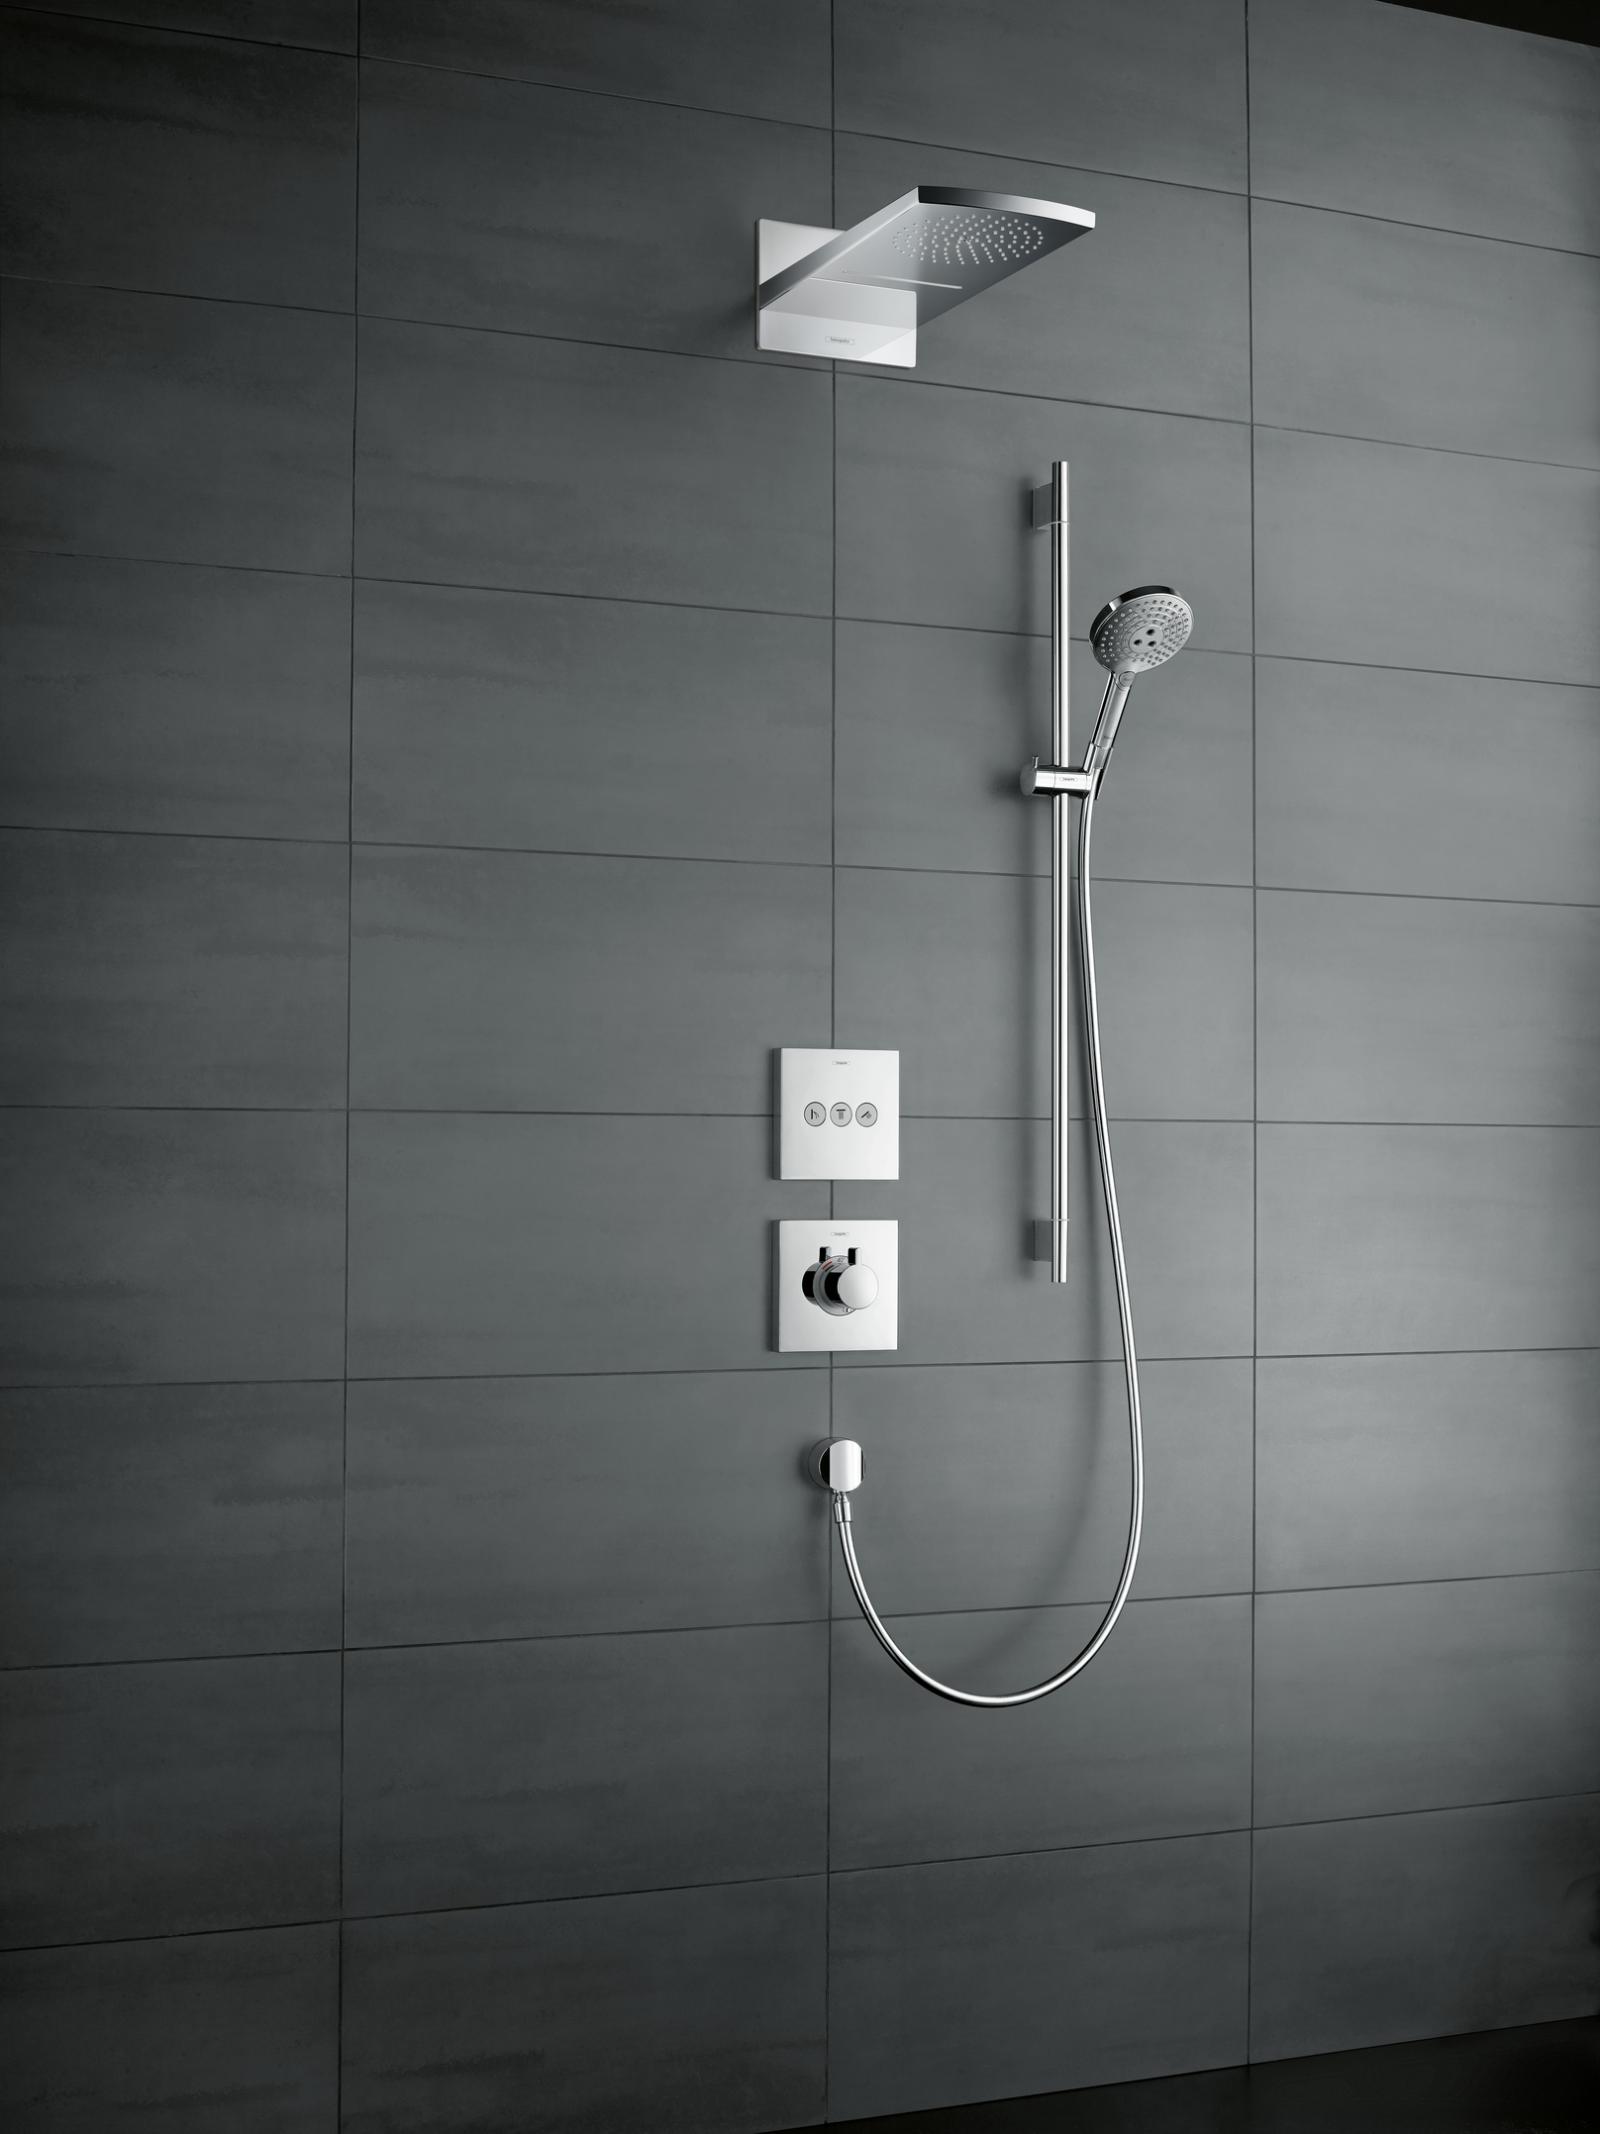 Sanitär - Armaturen/Accessoires